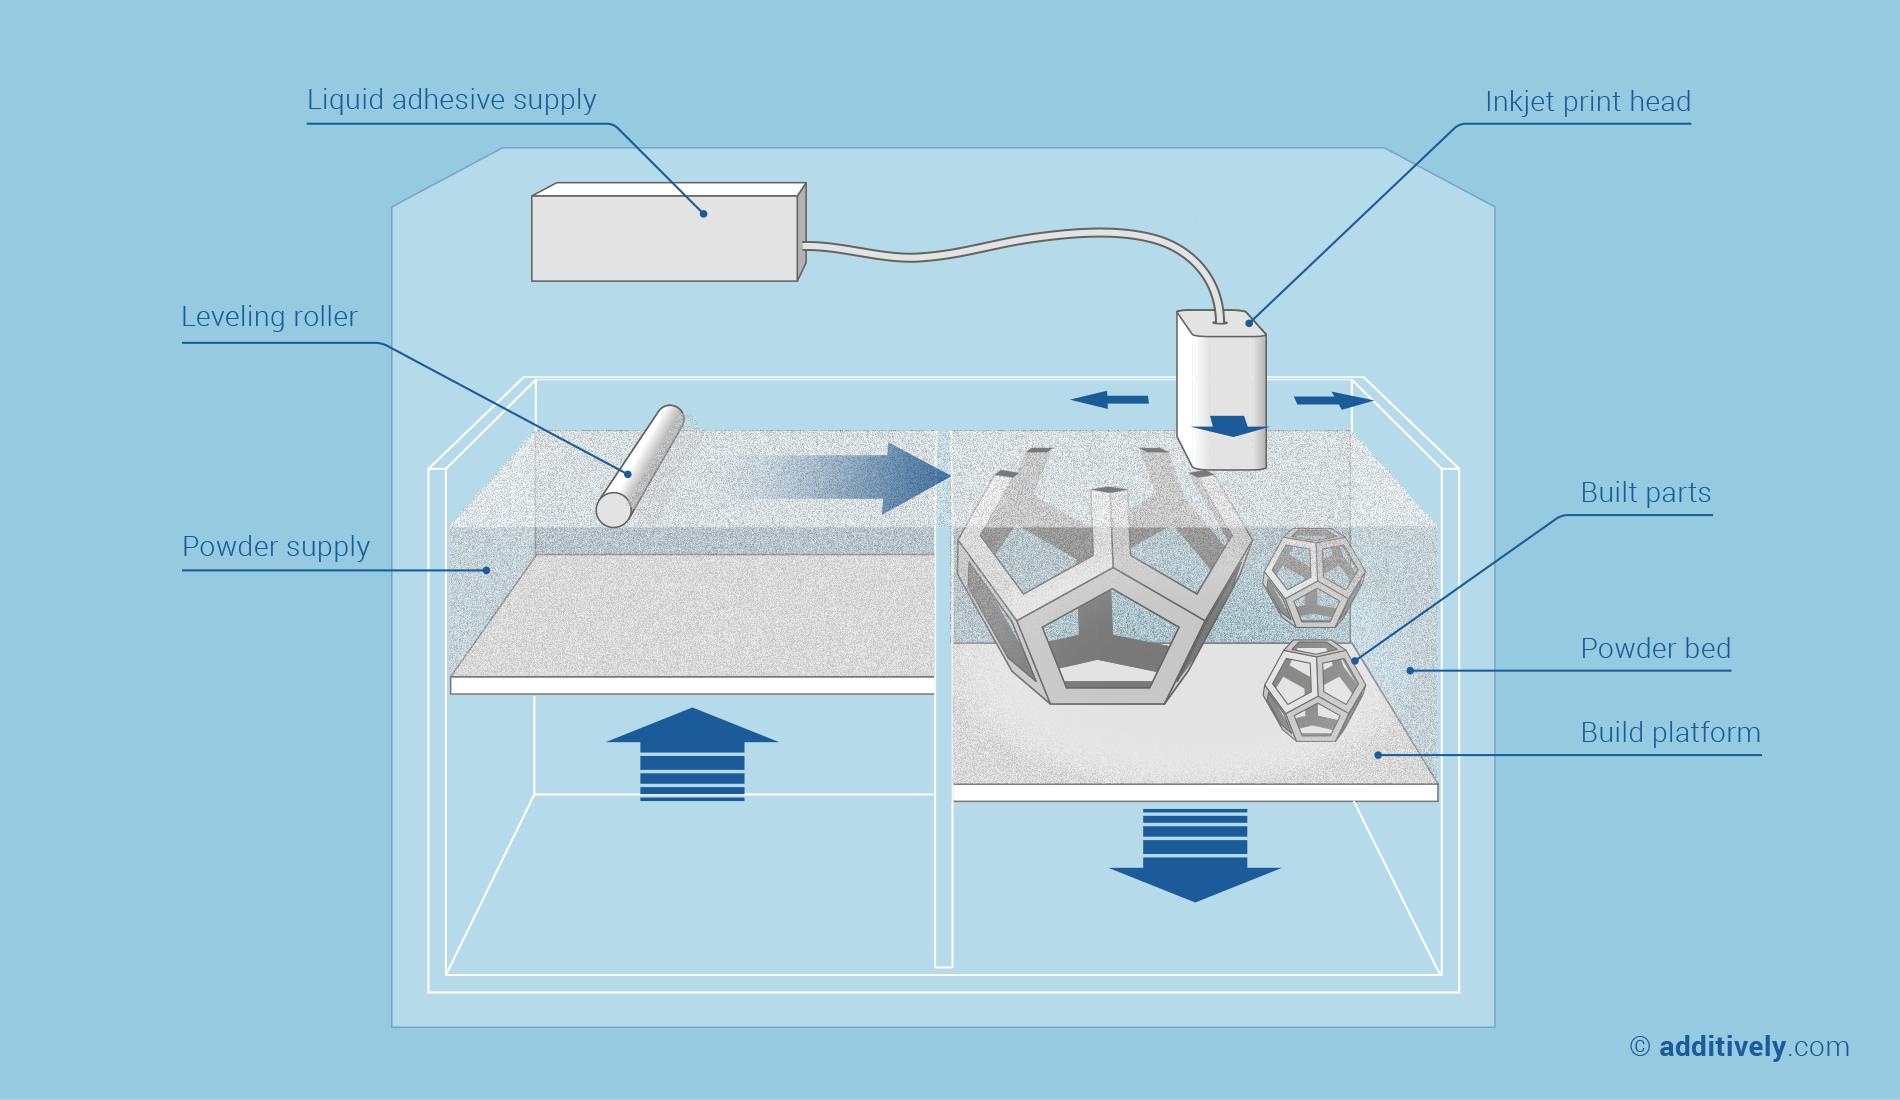 Binder Jetting Process Mks Technologies Pvt Ltd